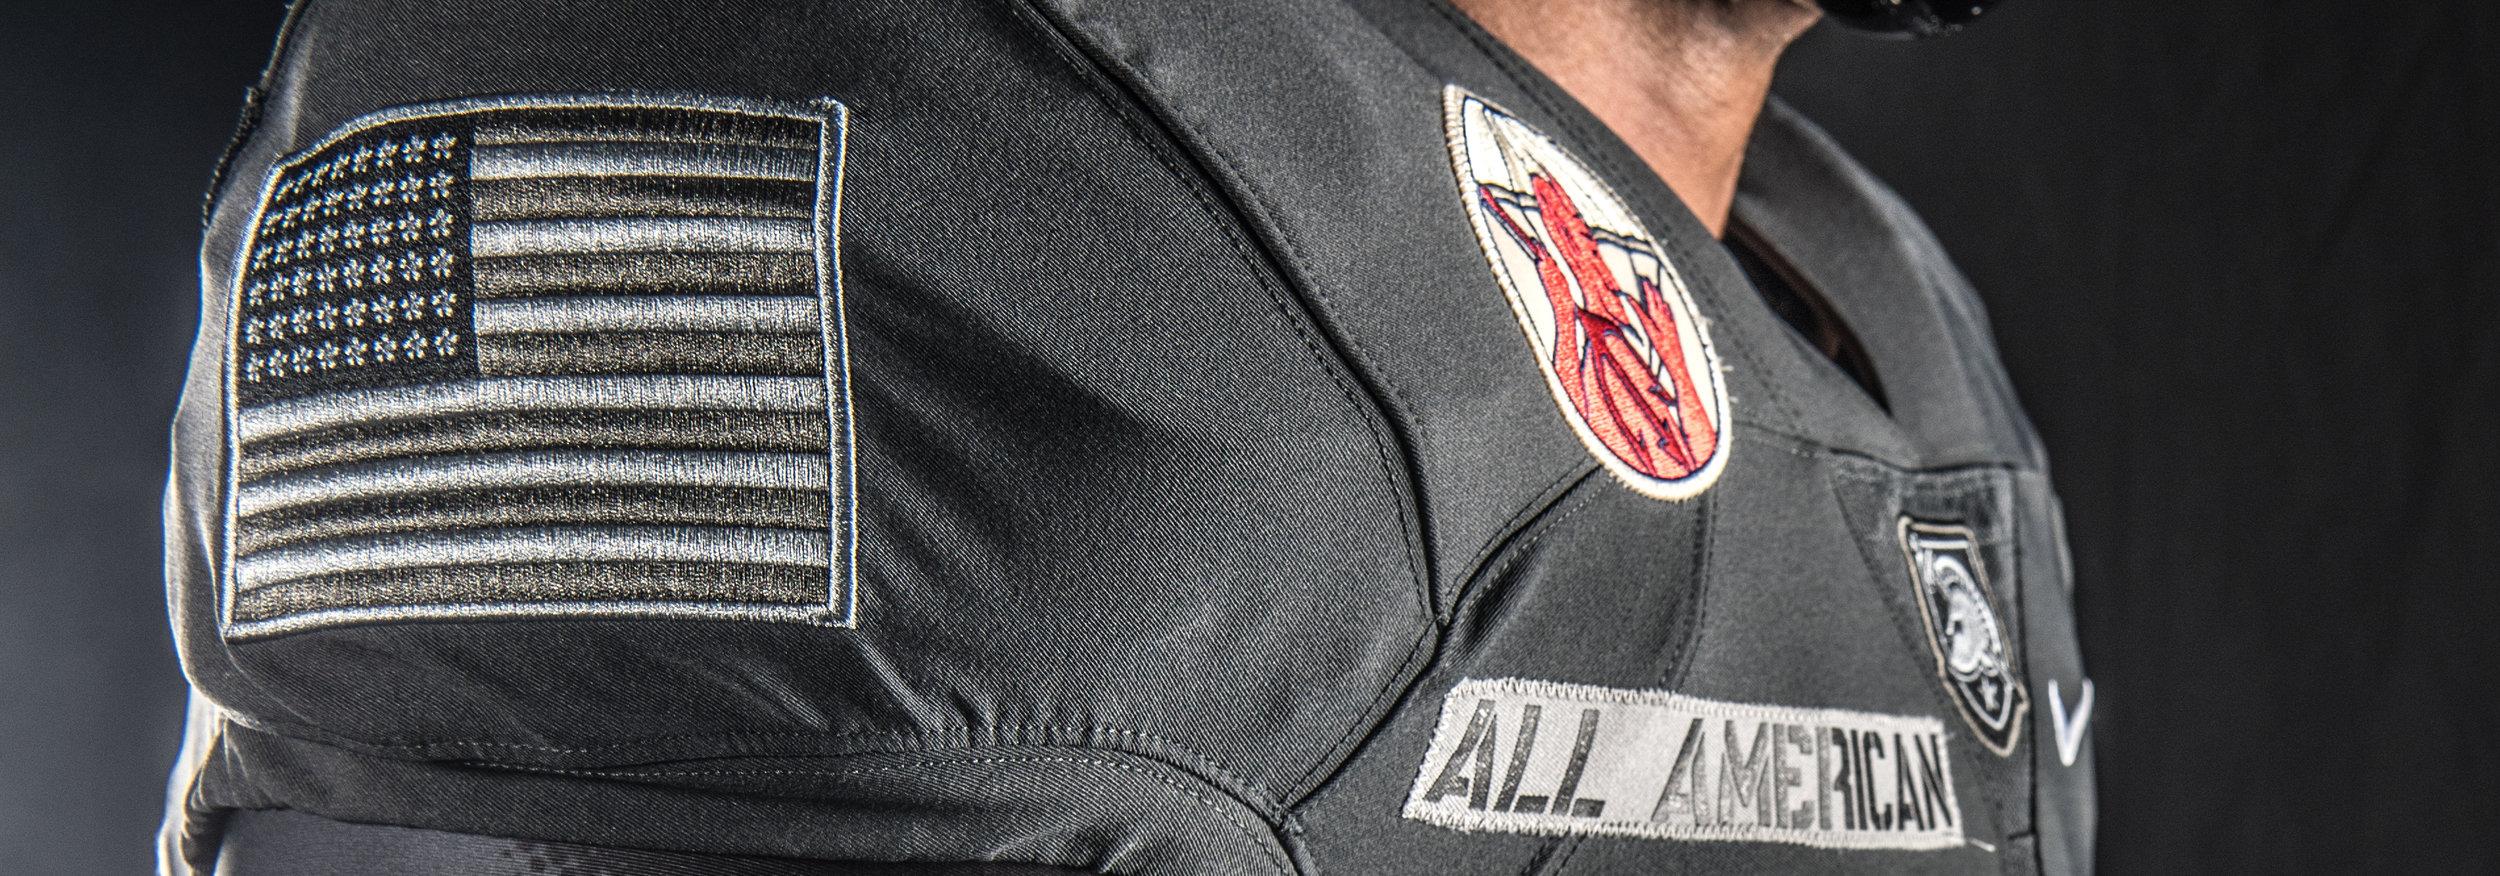 Army Uniform 2016 Flag